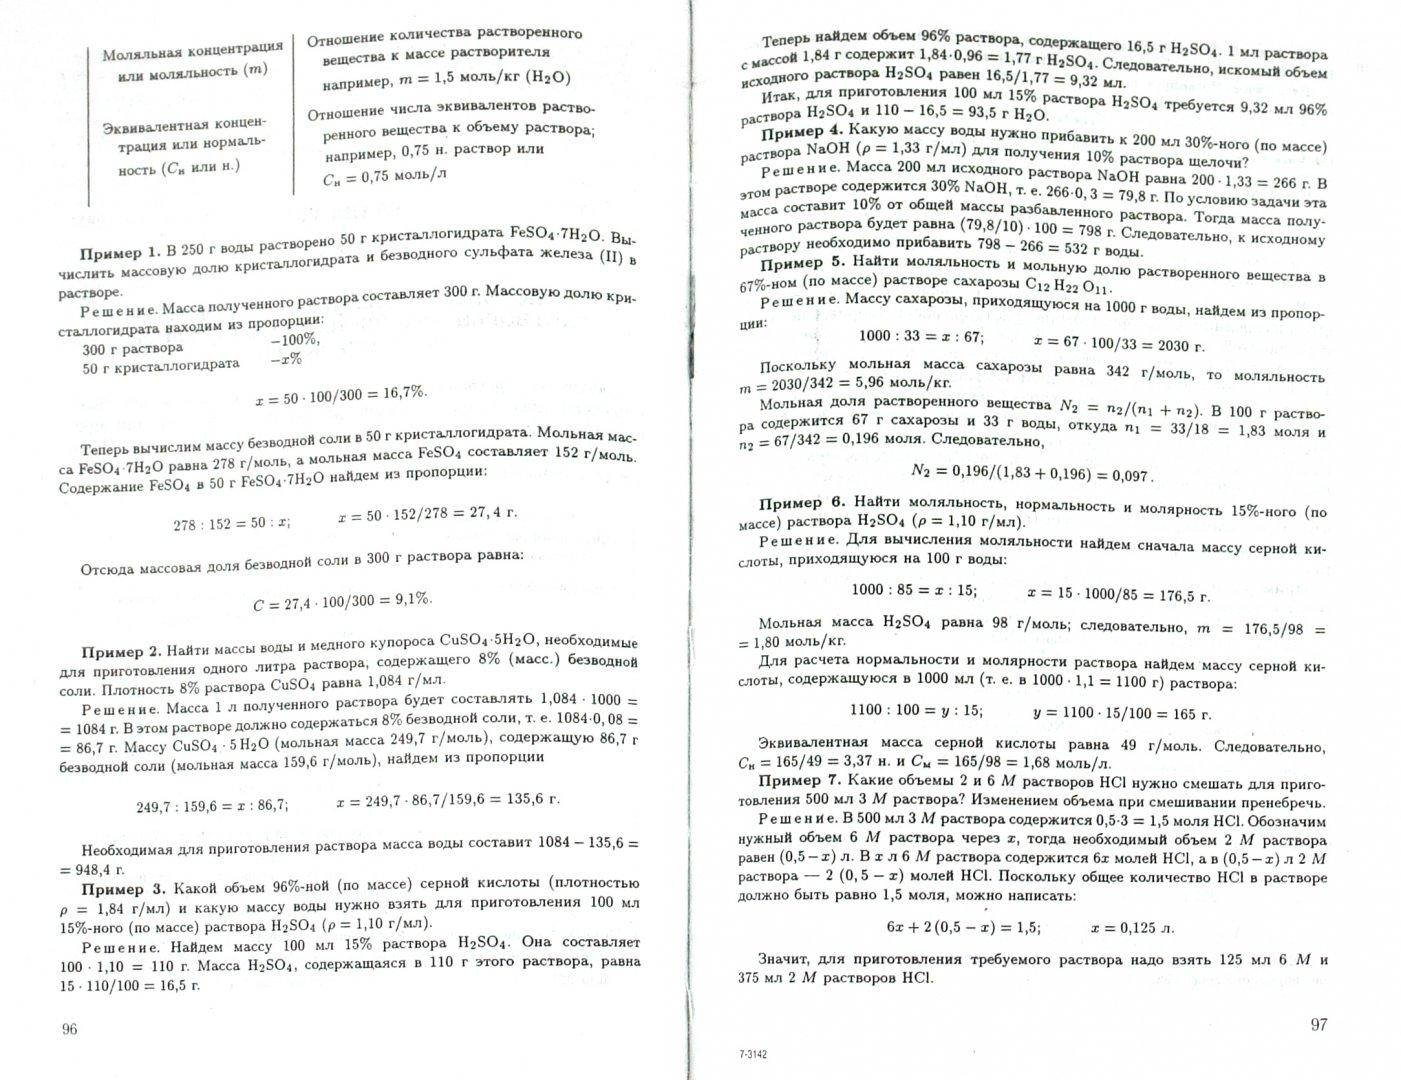 Иллюстрация 1 из 11 для Задачи и упражнения по общей химии. Учебное пособие - Николай Глинка | Лабиринт - книги. Источник: Лабиринт